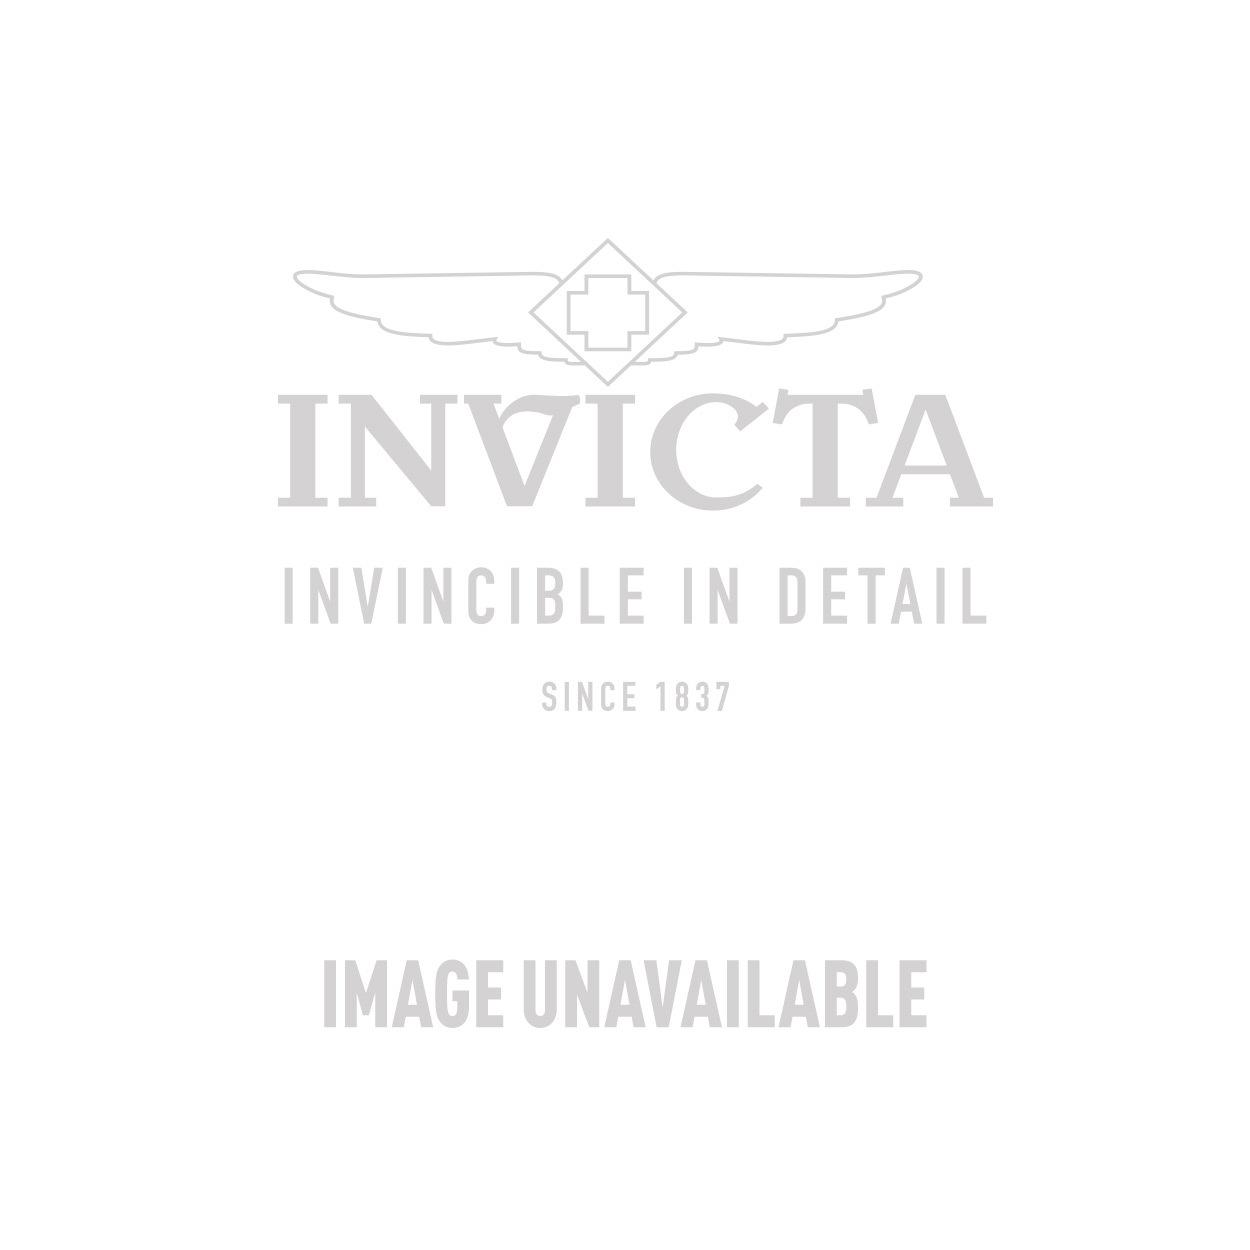 Invicta Model 29106